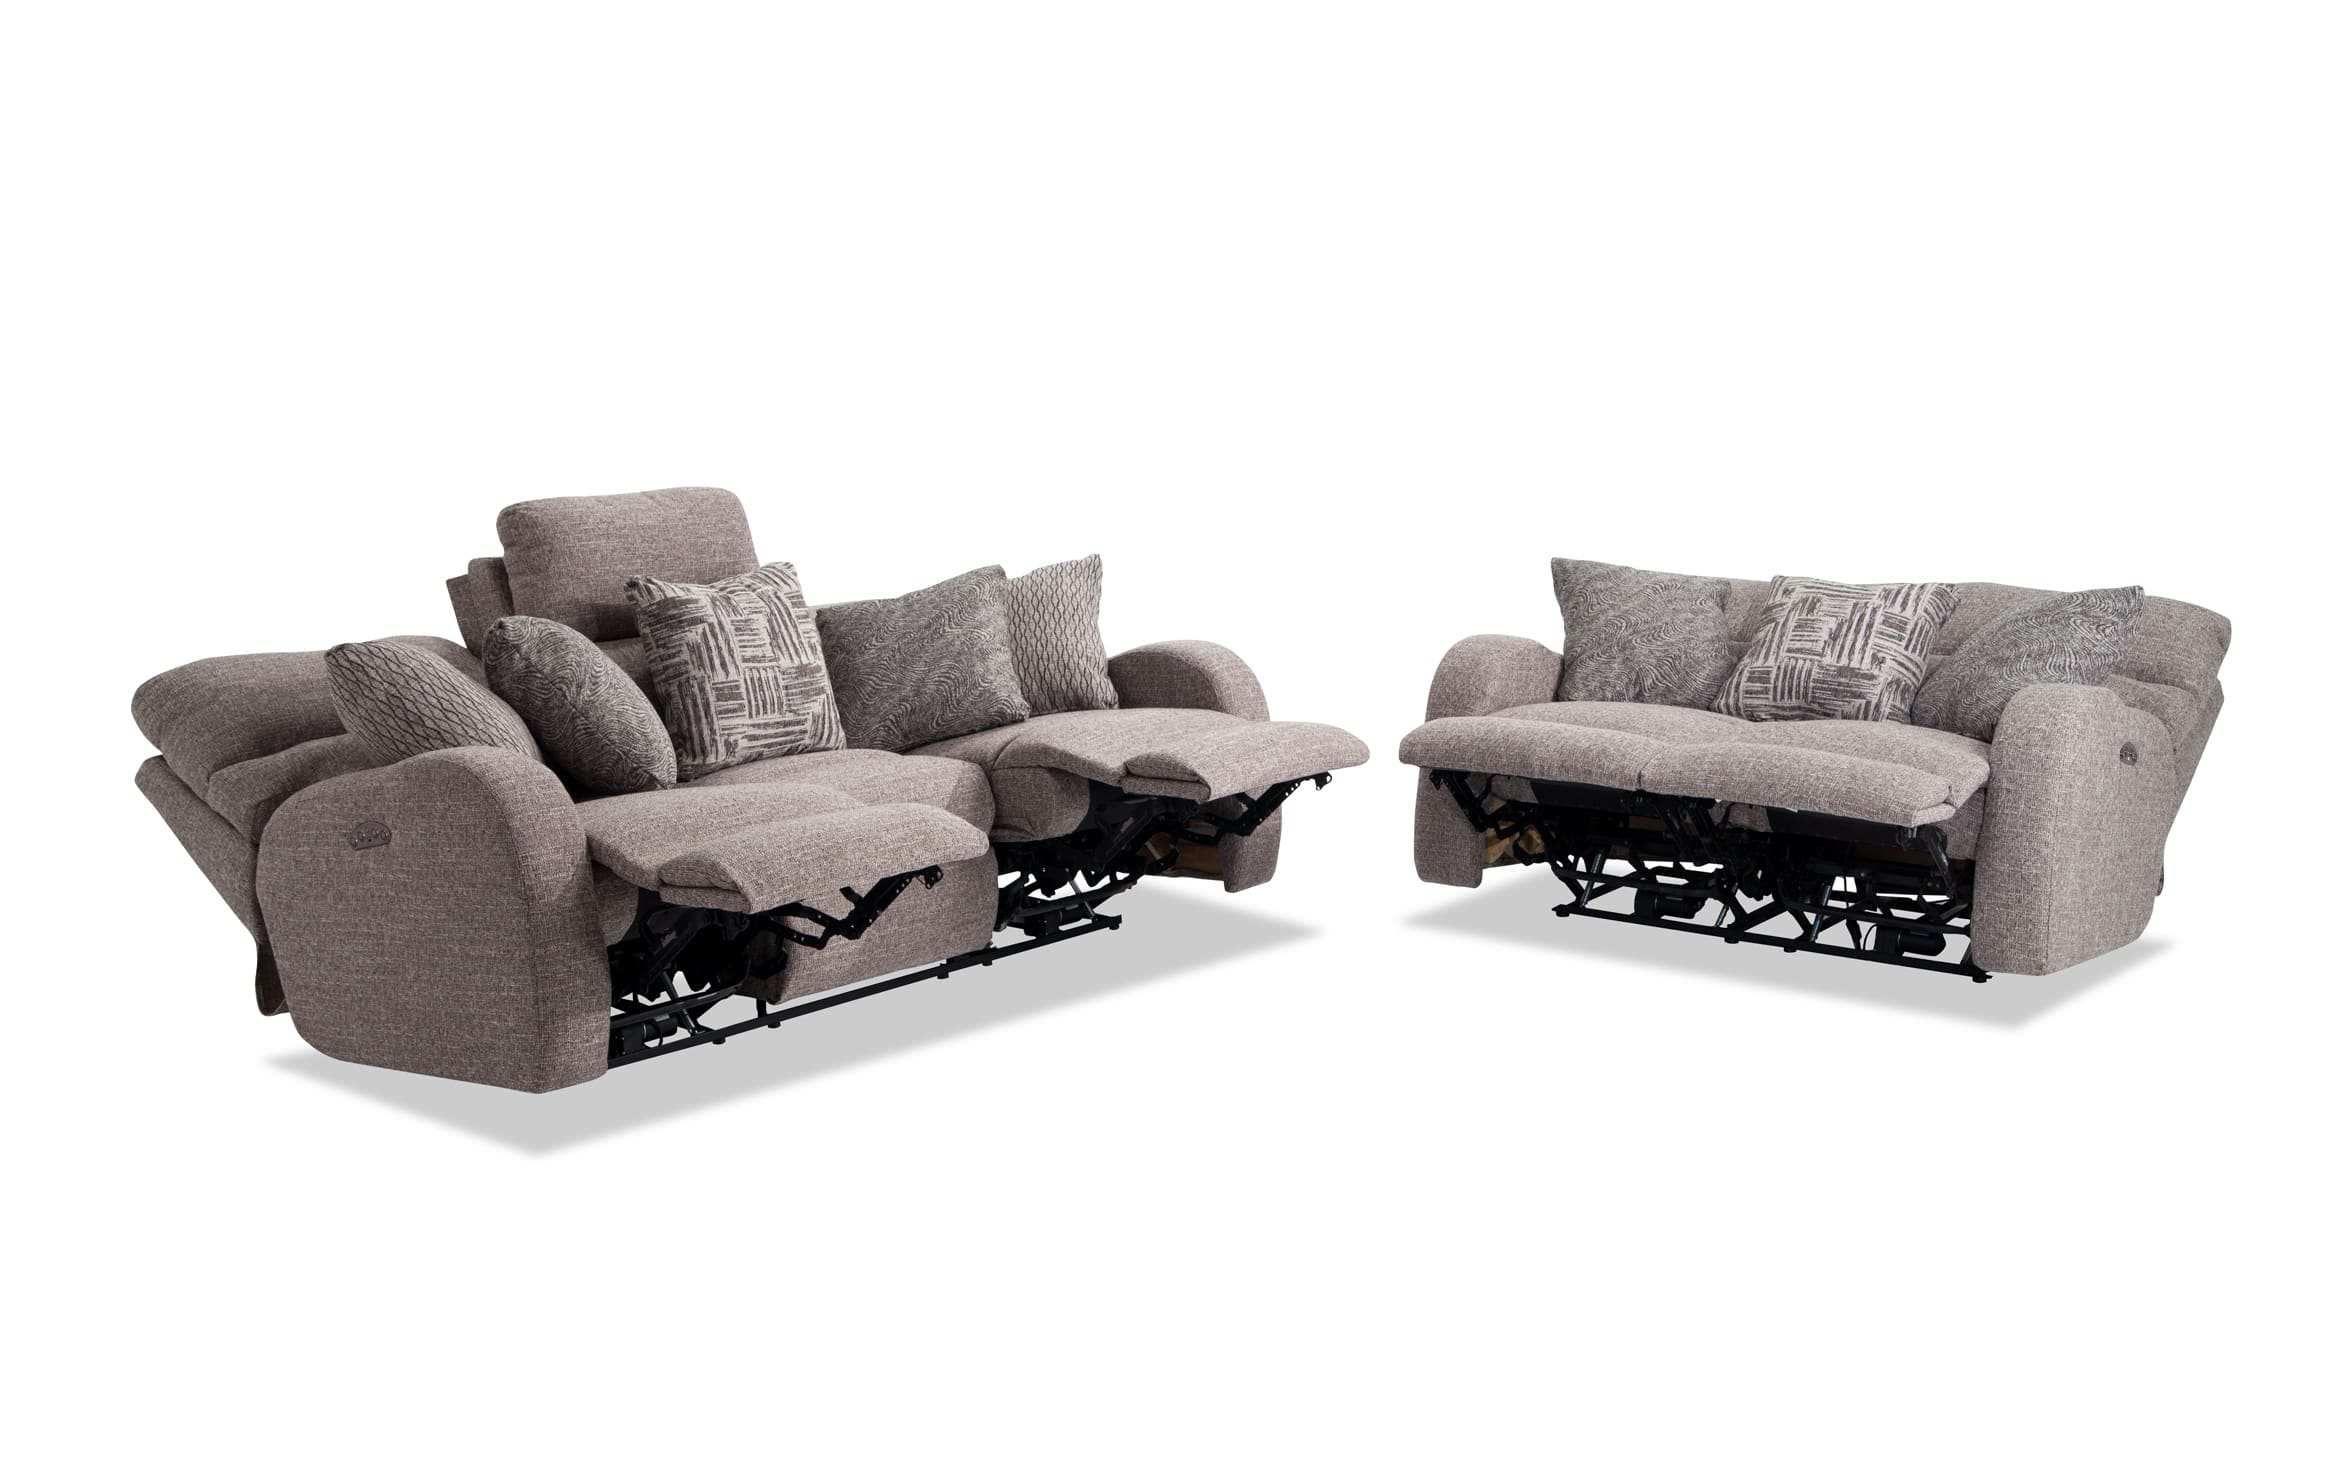 Titanium Power Reclining Sofa & Loveseat  Bobs.com in 5